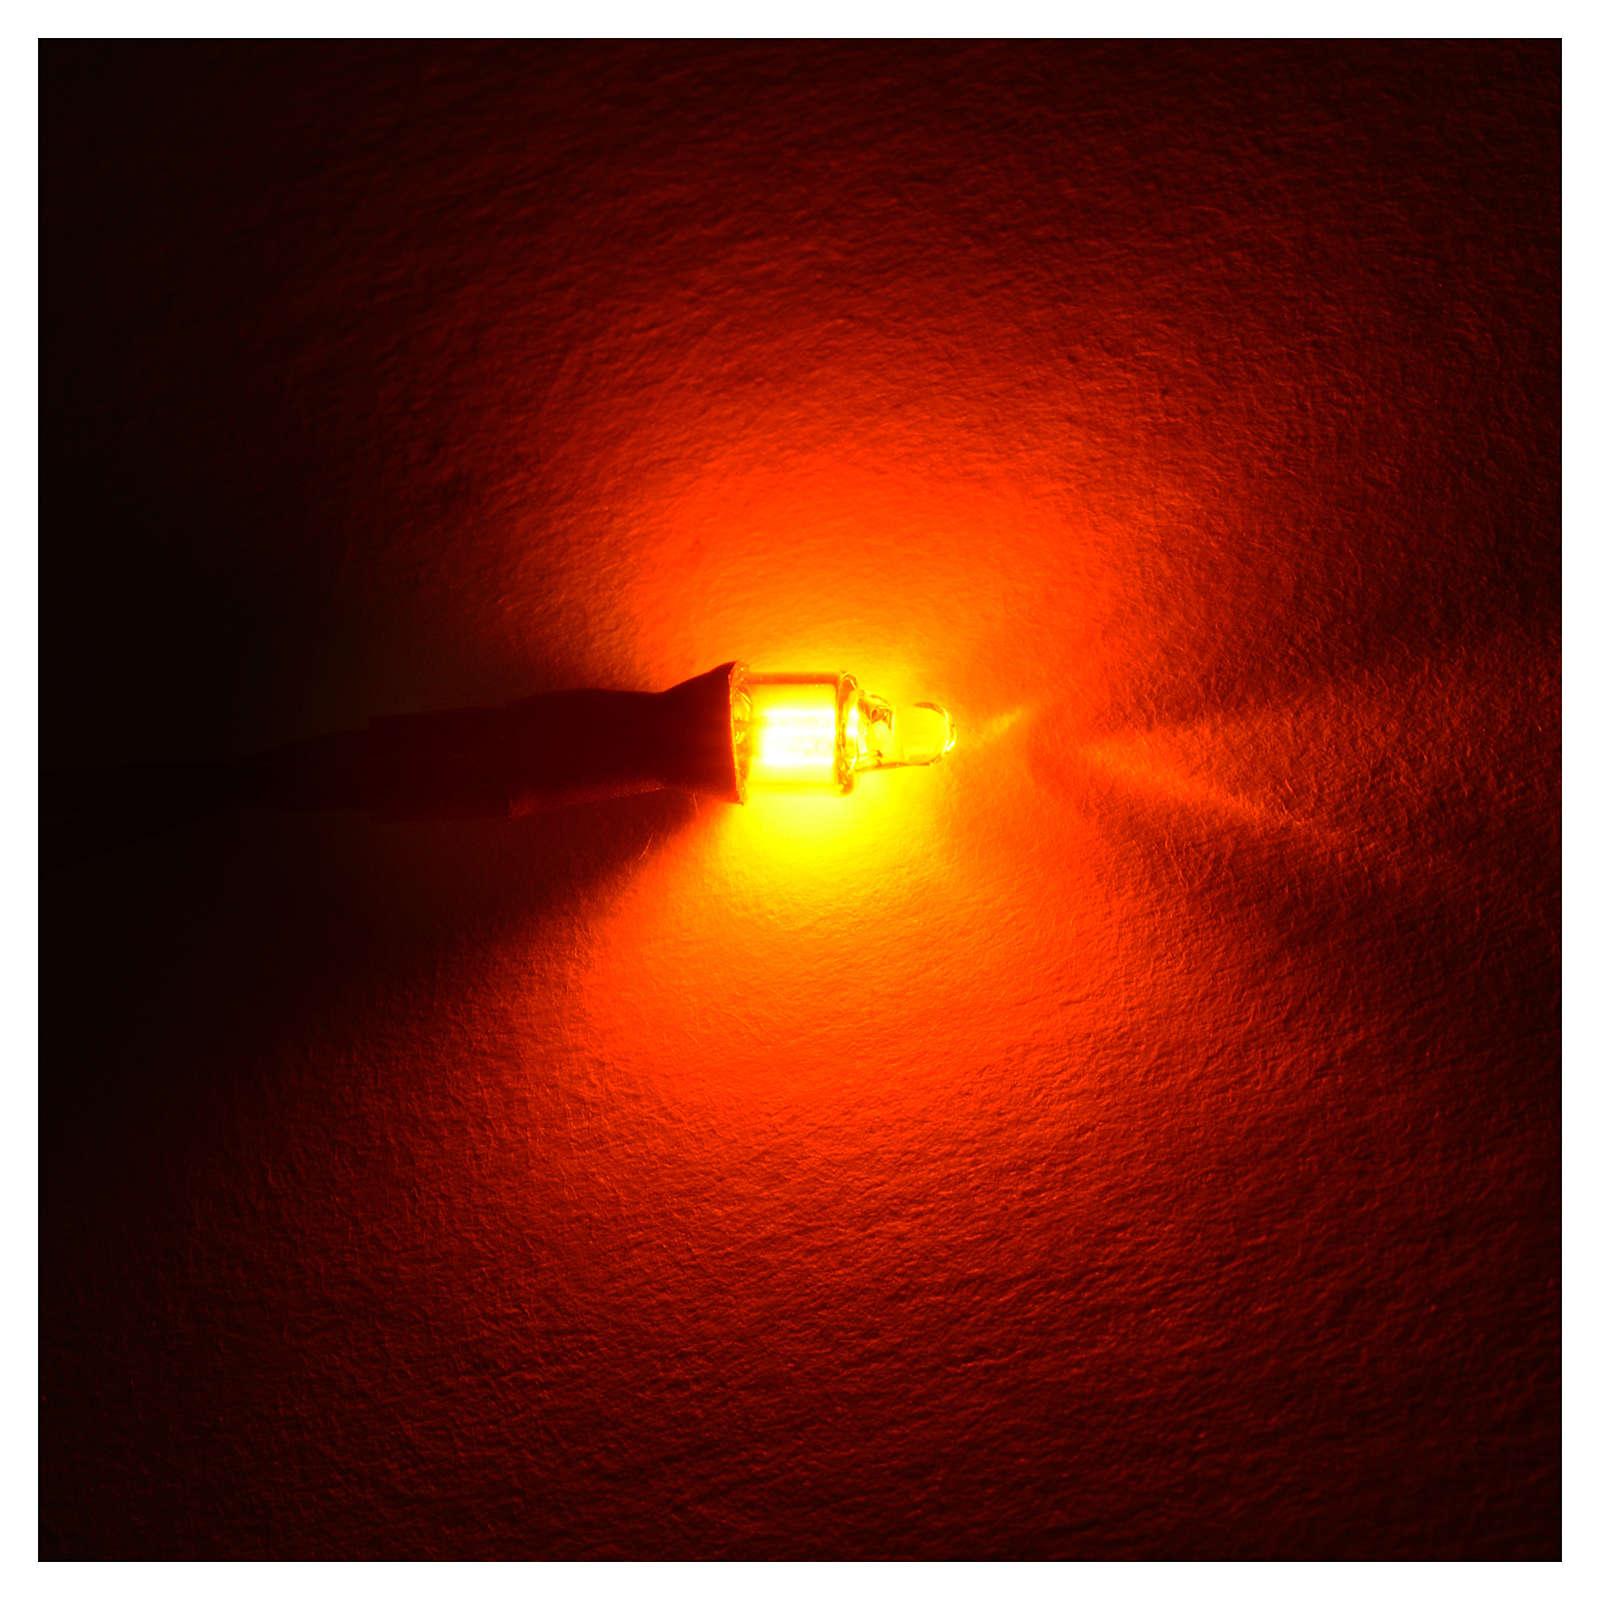 Microlampe Neon 220 Volt Durchm. 4 mm Drähte 20 cm 4